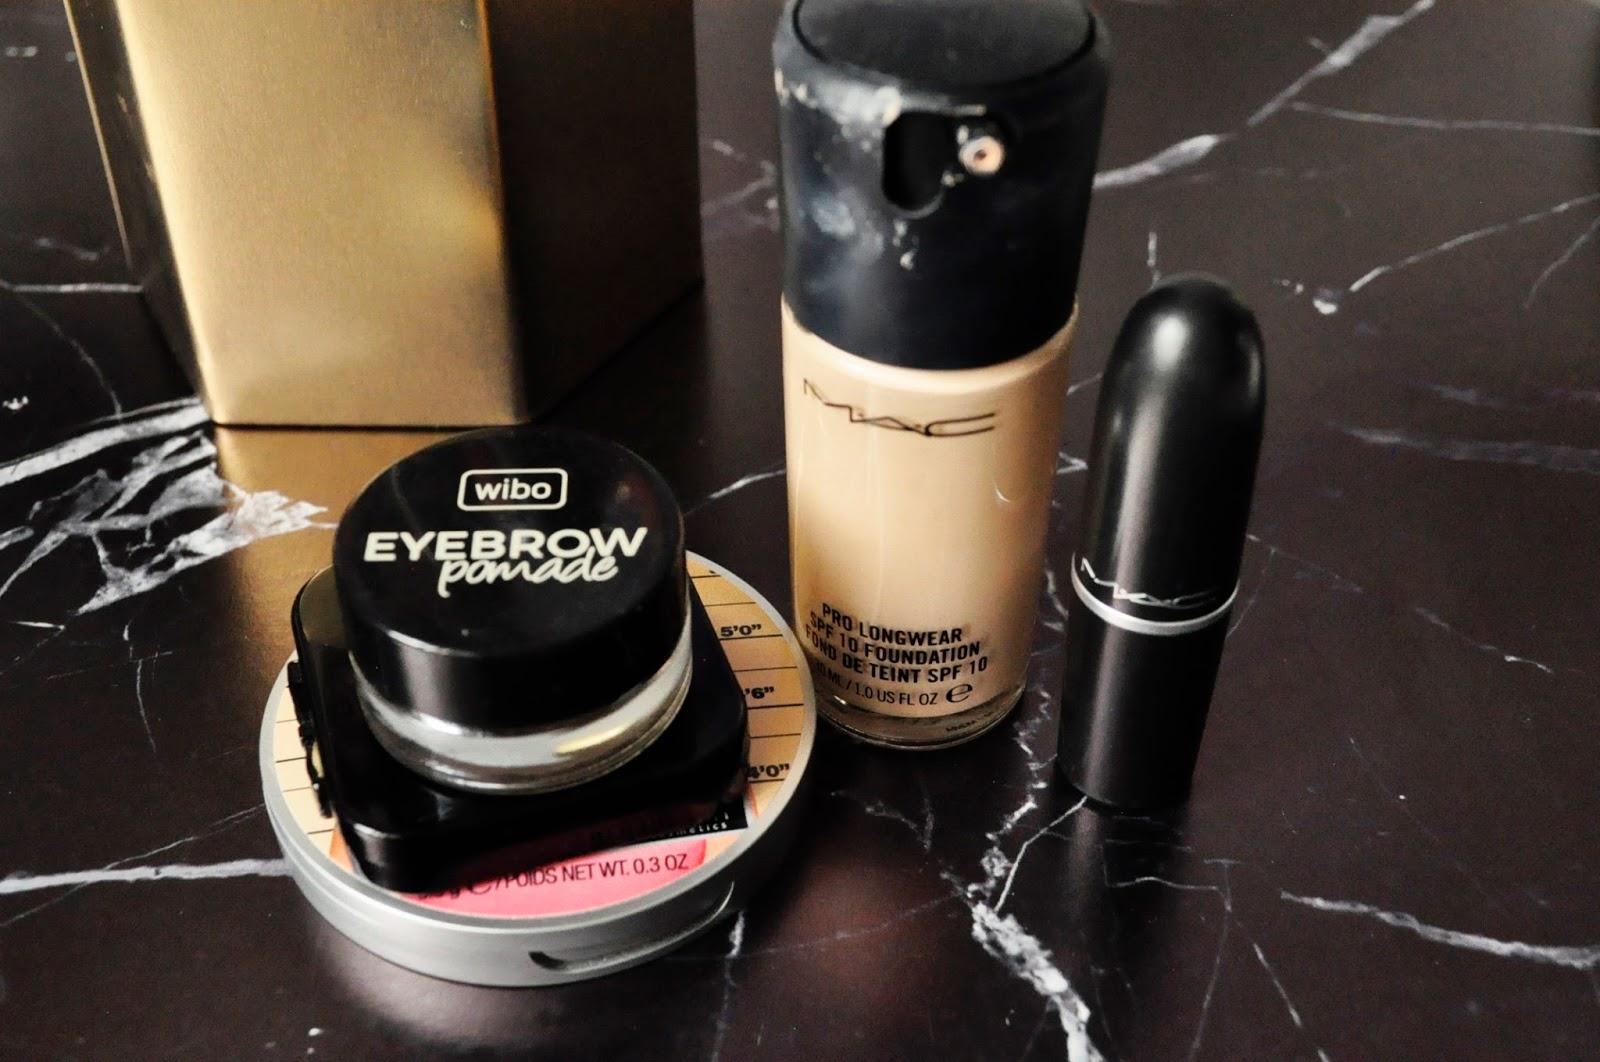 TAG: 3 kosmetyki bez których nie wyobrażam sobie życia | MAC Cosmetics  Wibo